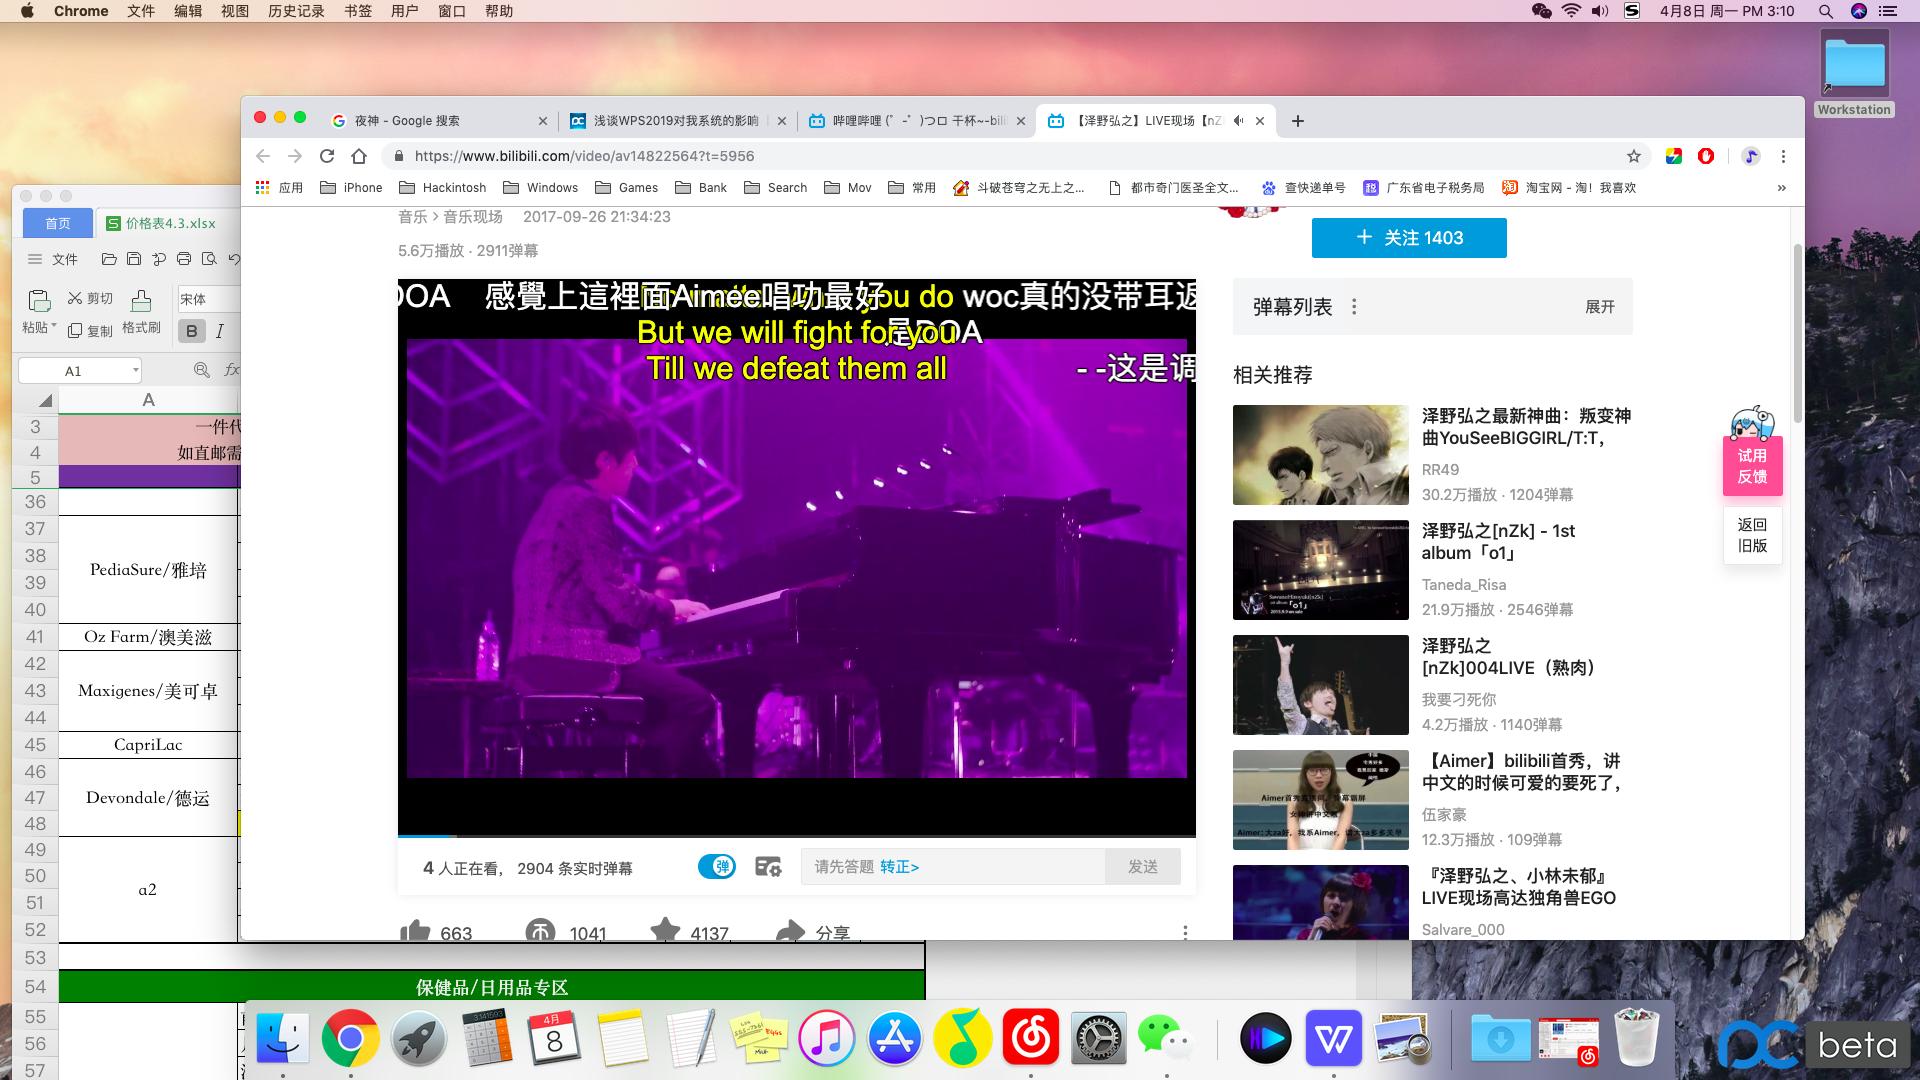 屏幕快照 2019-04-08 PM 3.10.16.png